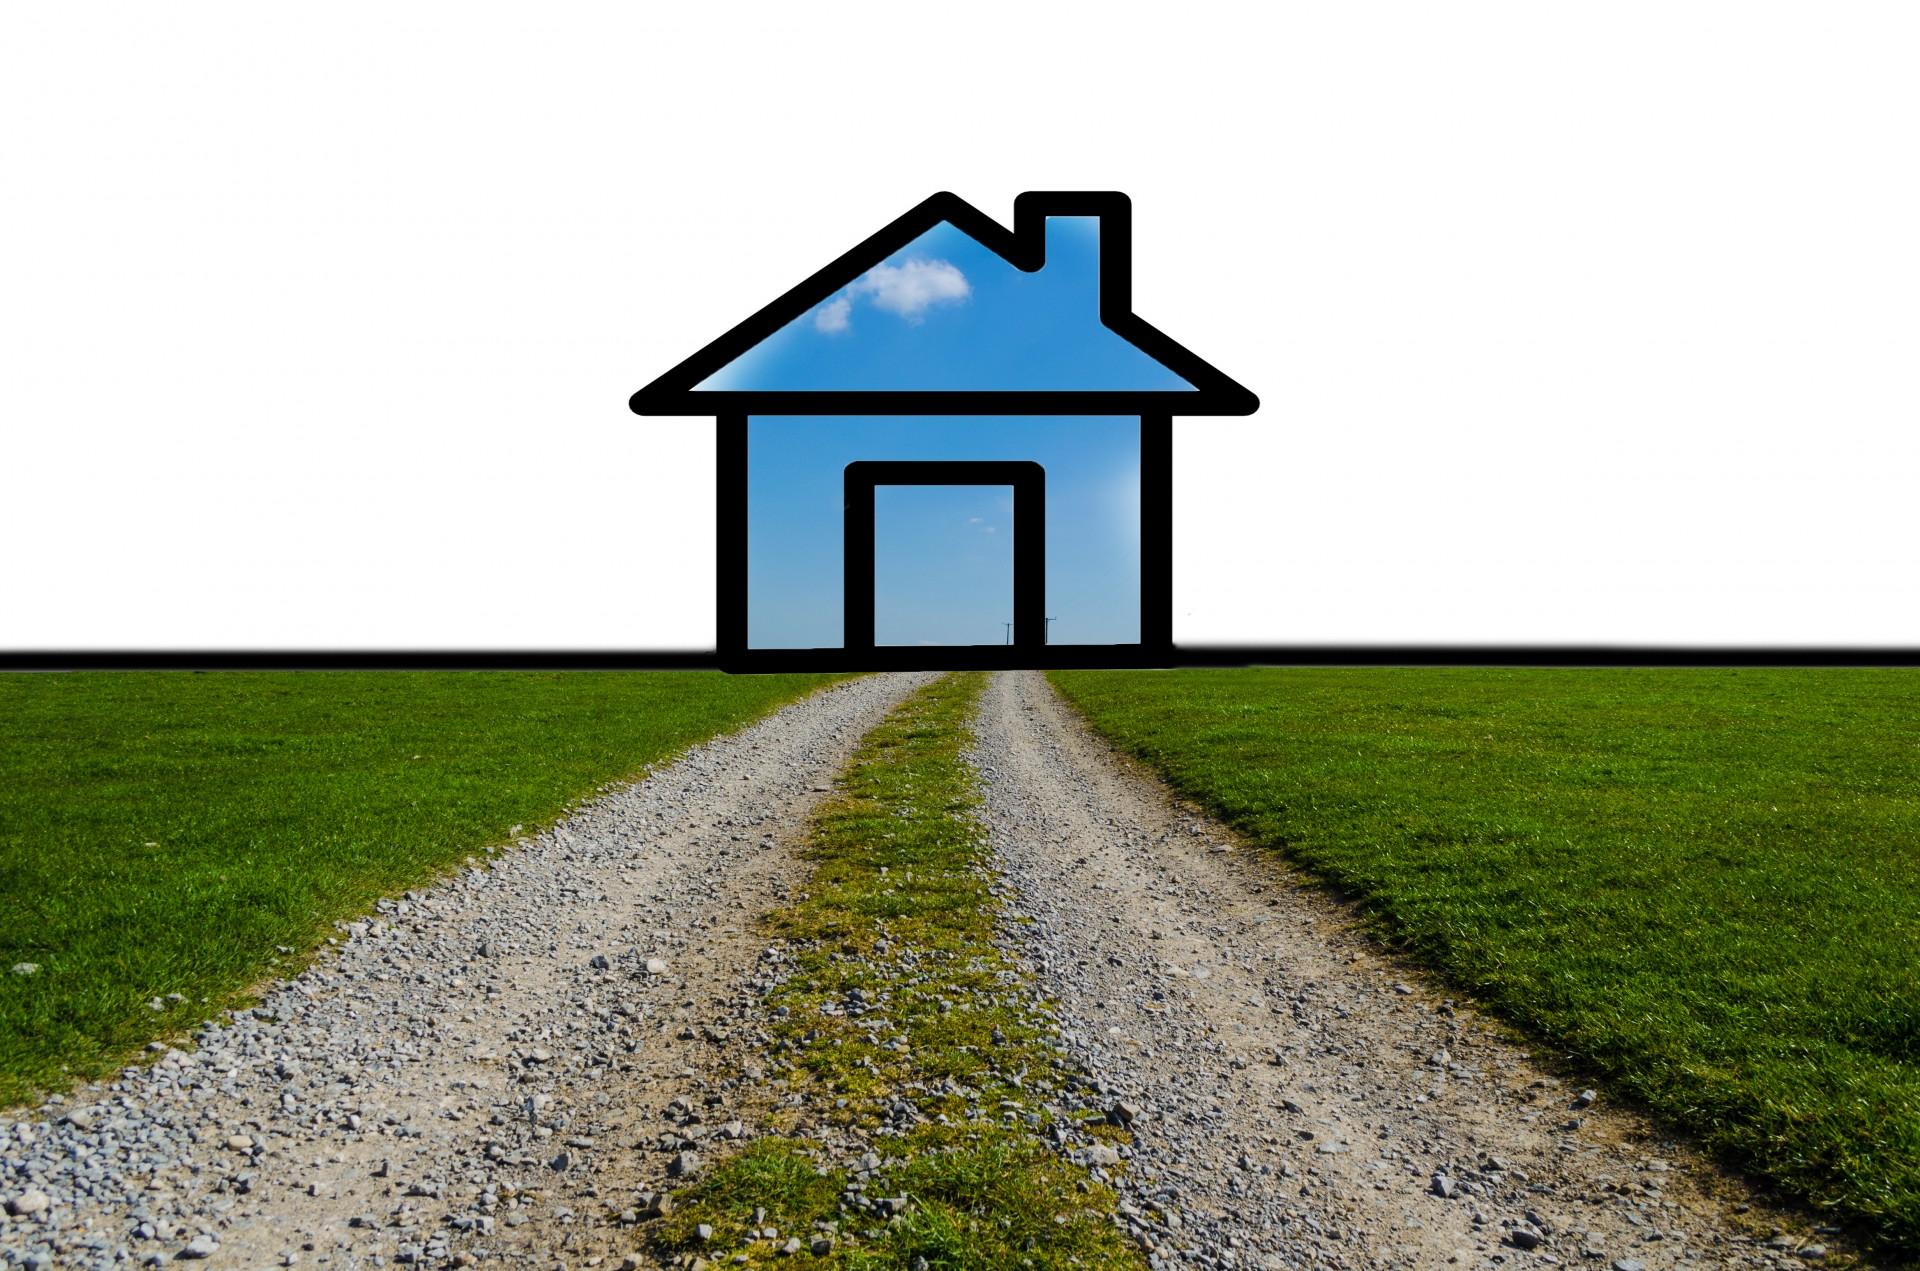 E se la casa dei sogni costasse troppo for Casa dei sogni personalizzata